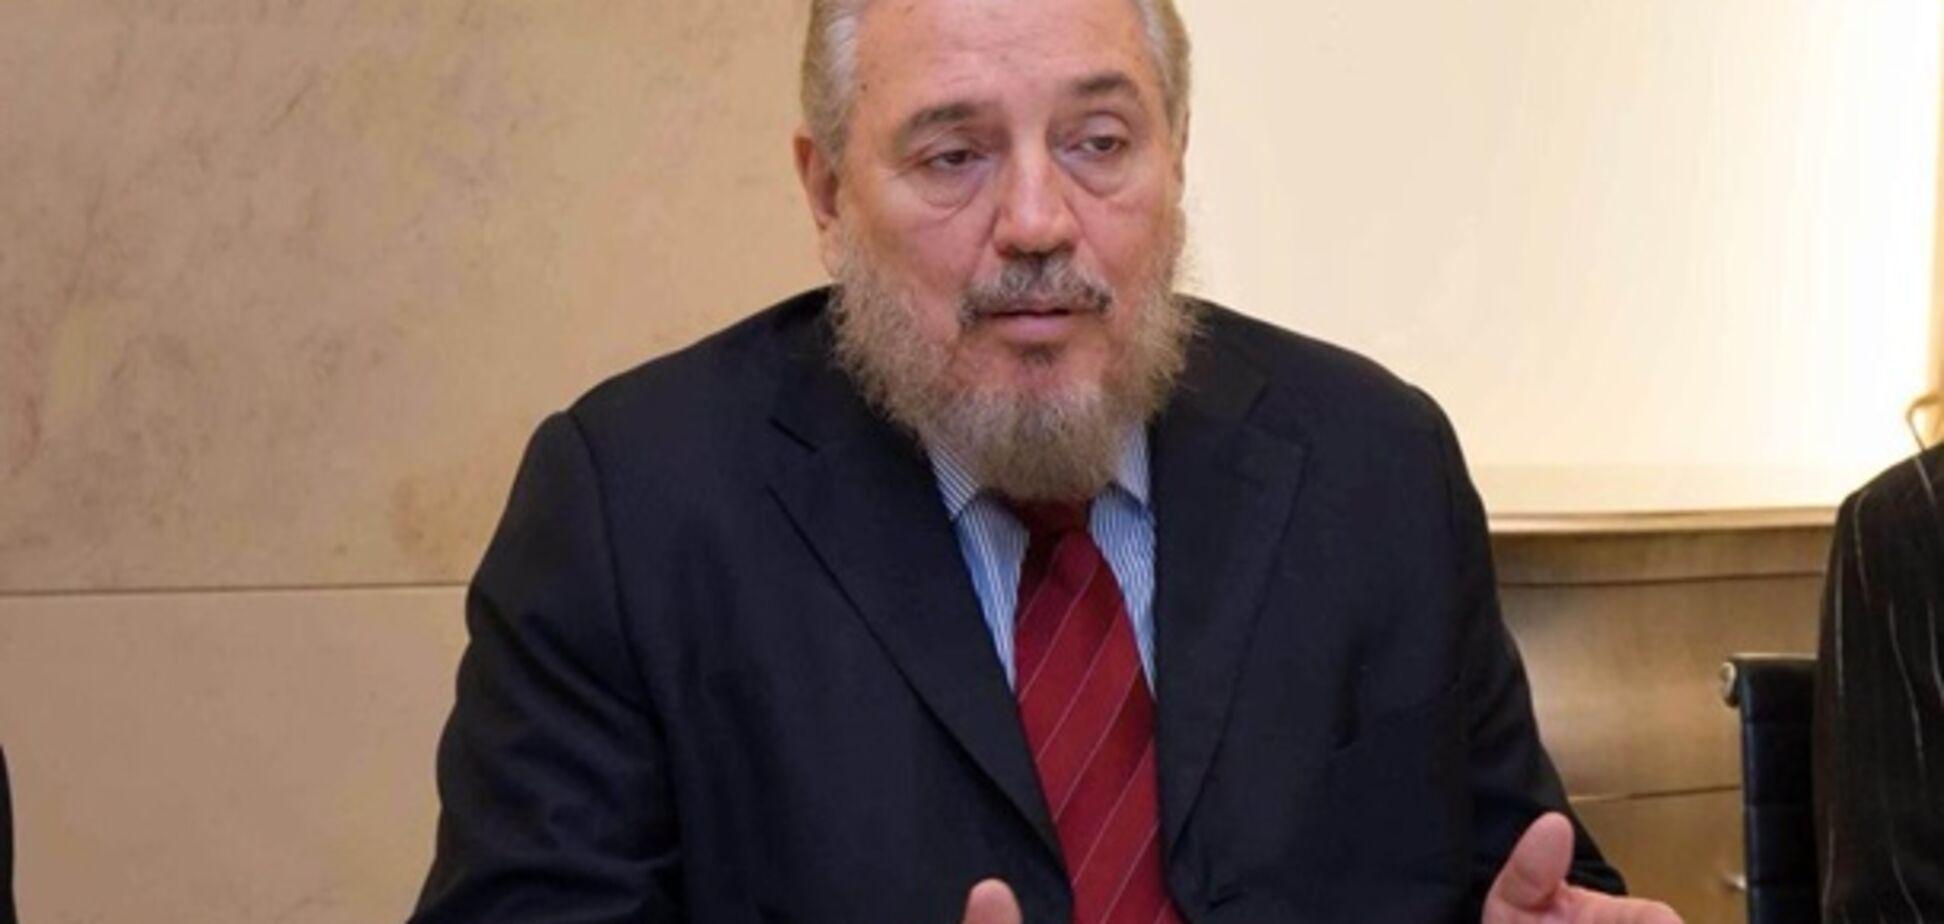 Син Фіделя Кастро